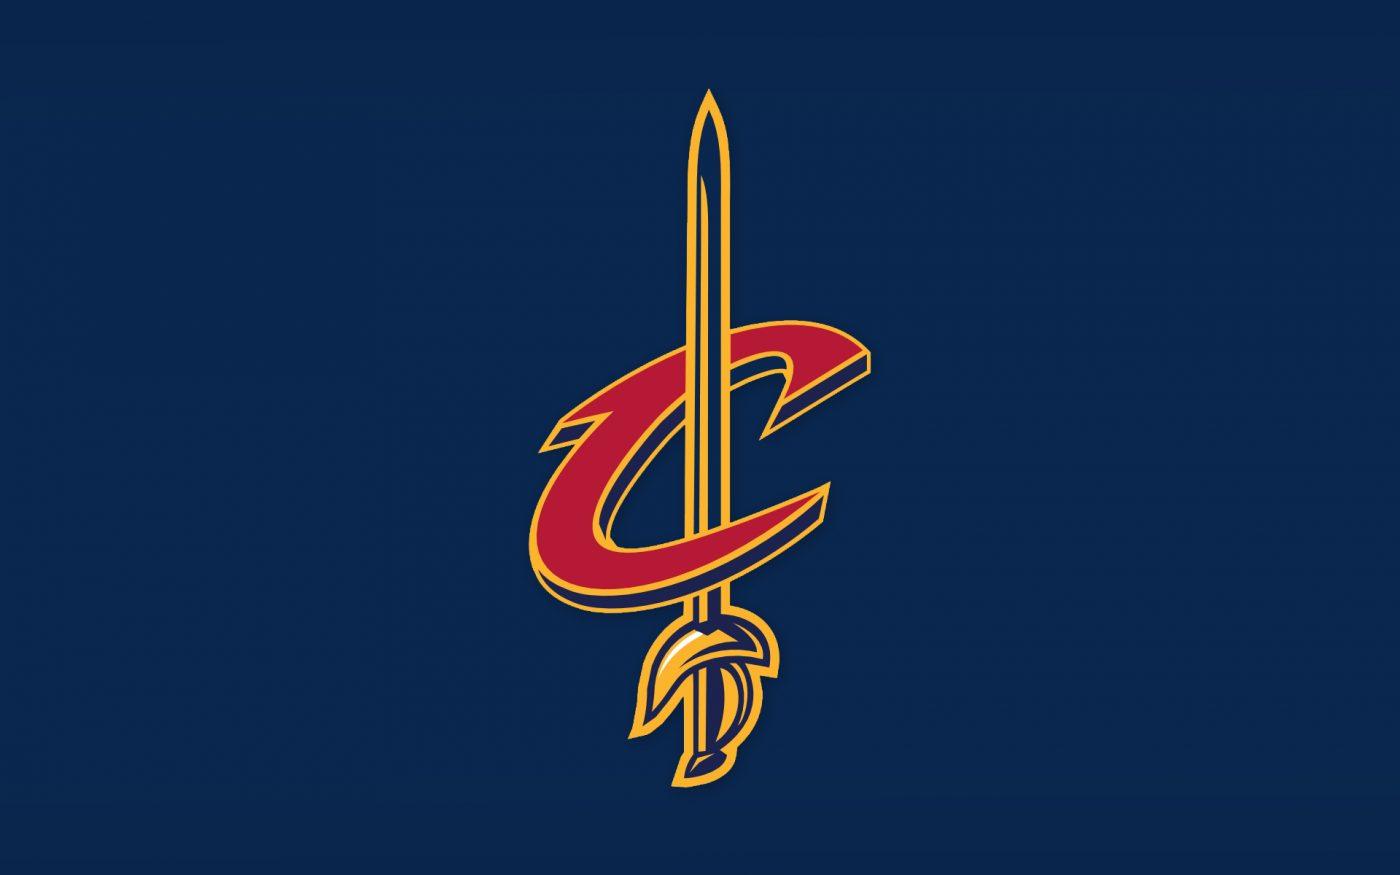 Il logo dei Cavaliers